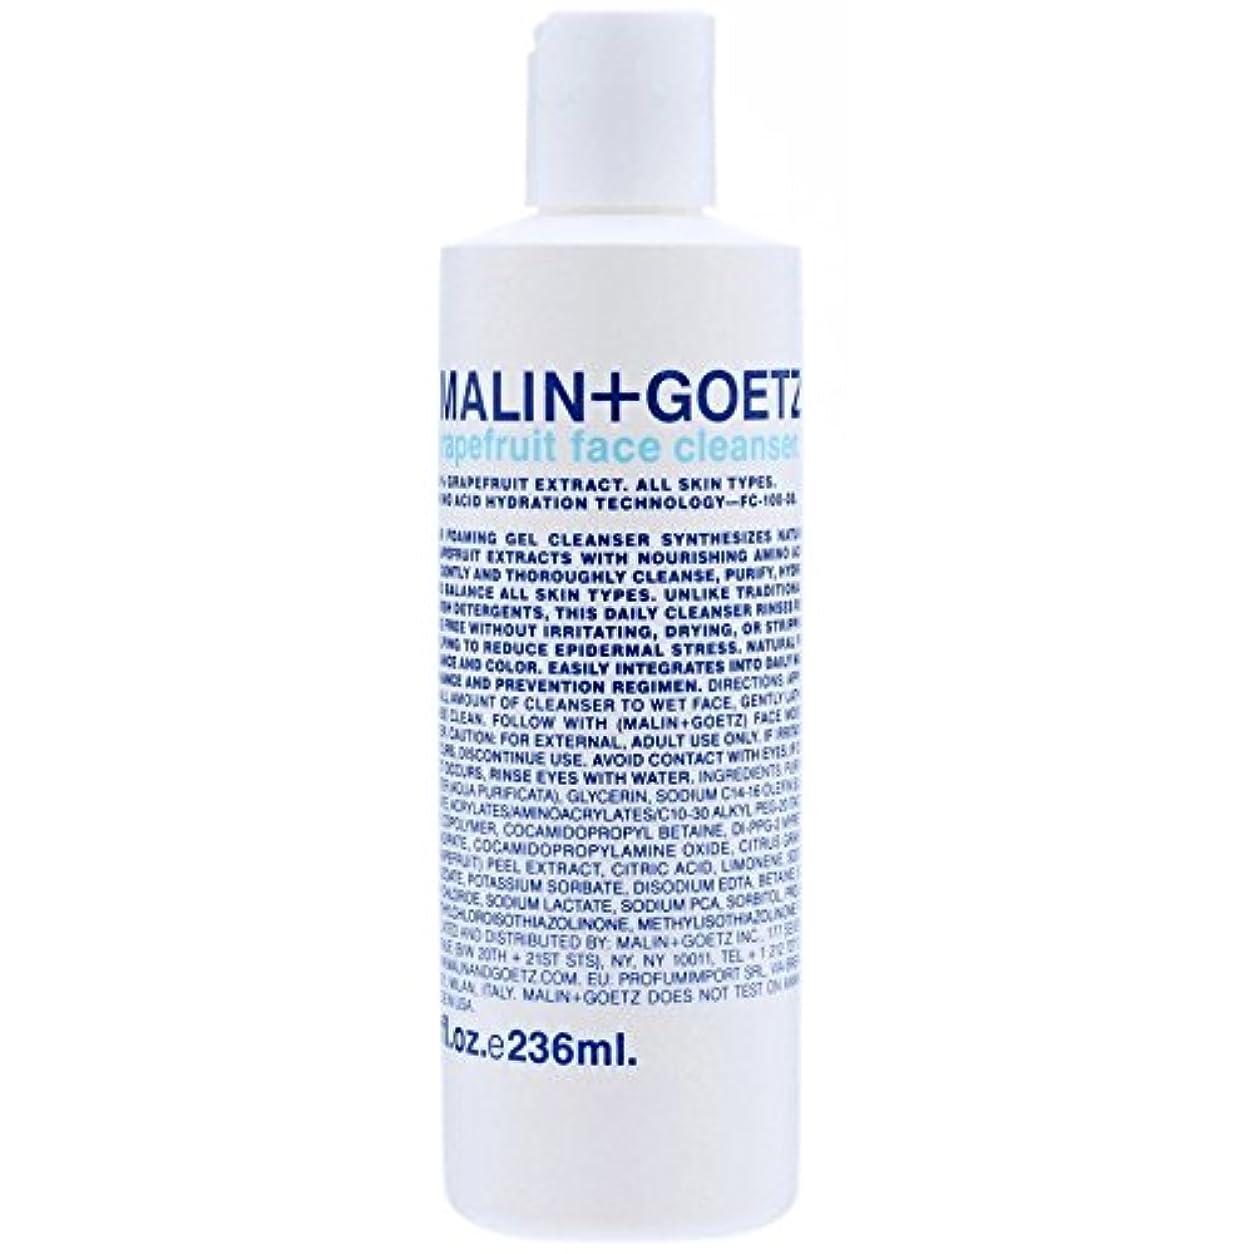 レンディションはげ分数マリン+ゲッツグレープフルーツフェイスクレンザー x4 - MALIN+GOETZ Grapefruit Face Cleanser (Pack of 4) [並行輸入品]